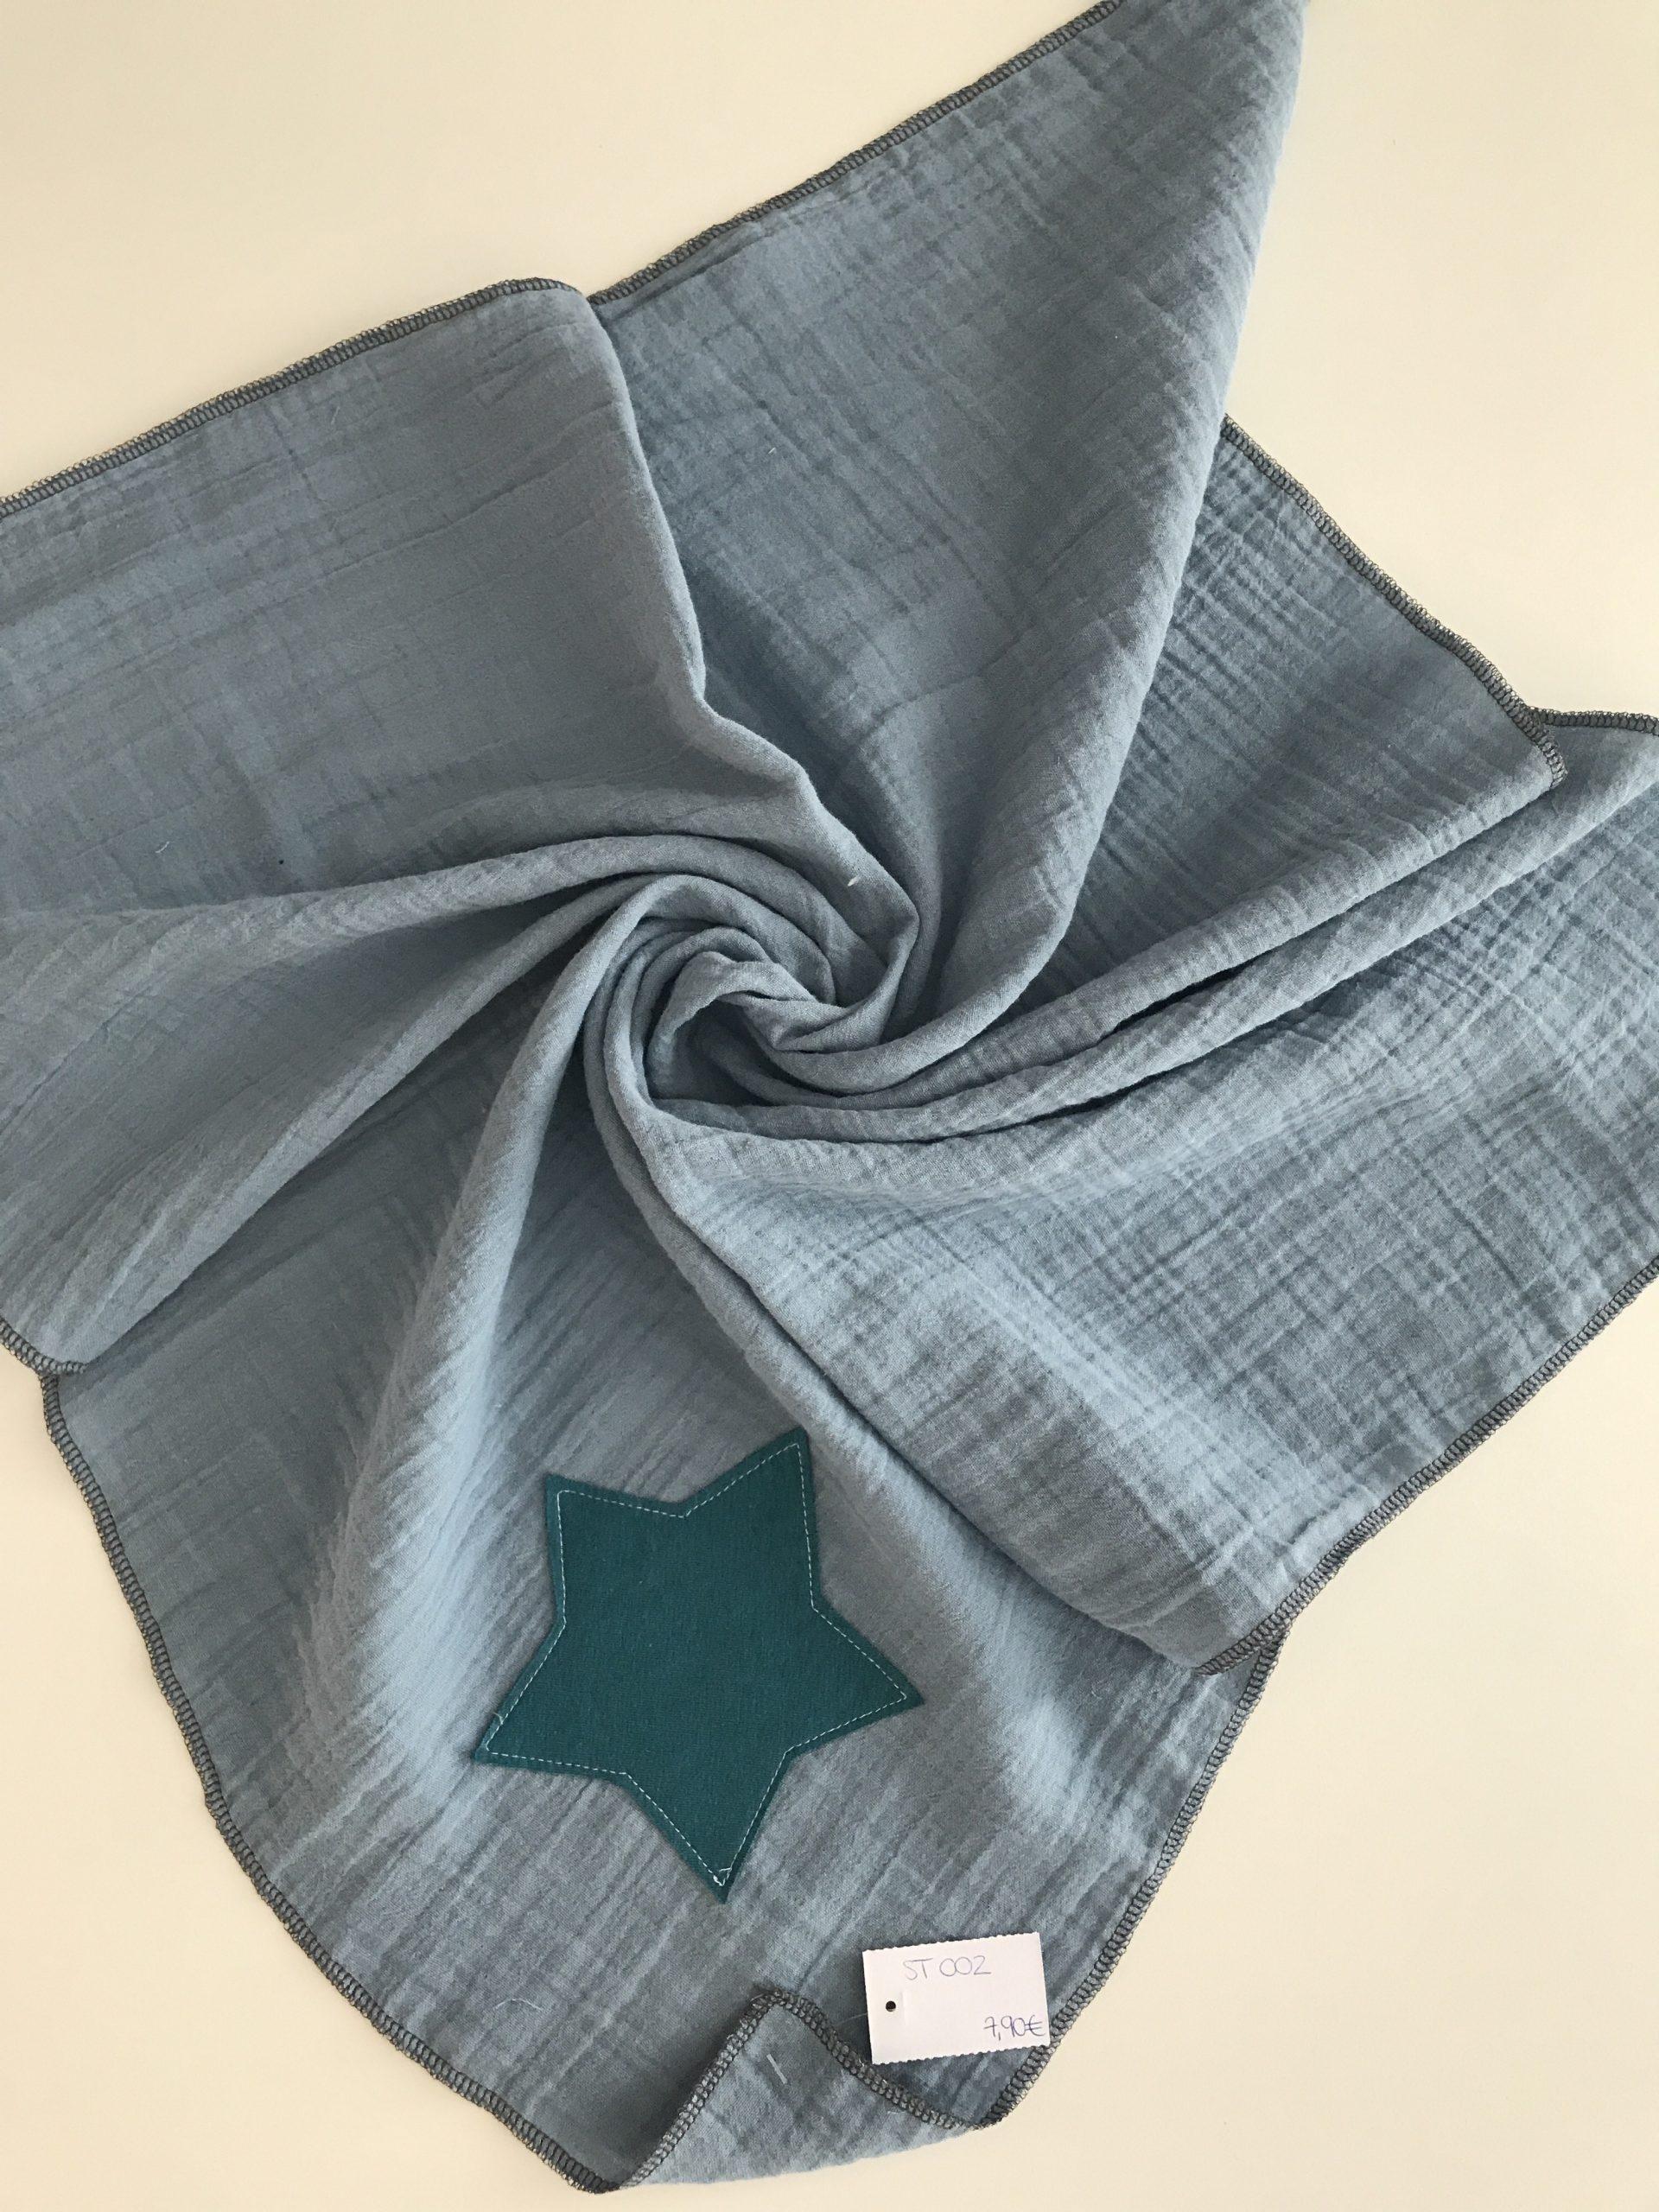 Spucktuch aus Moltonstoff ca. 65x65cm, Grau mit grünen Stern